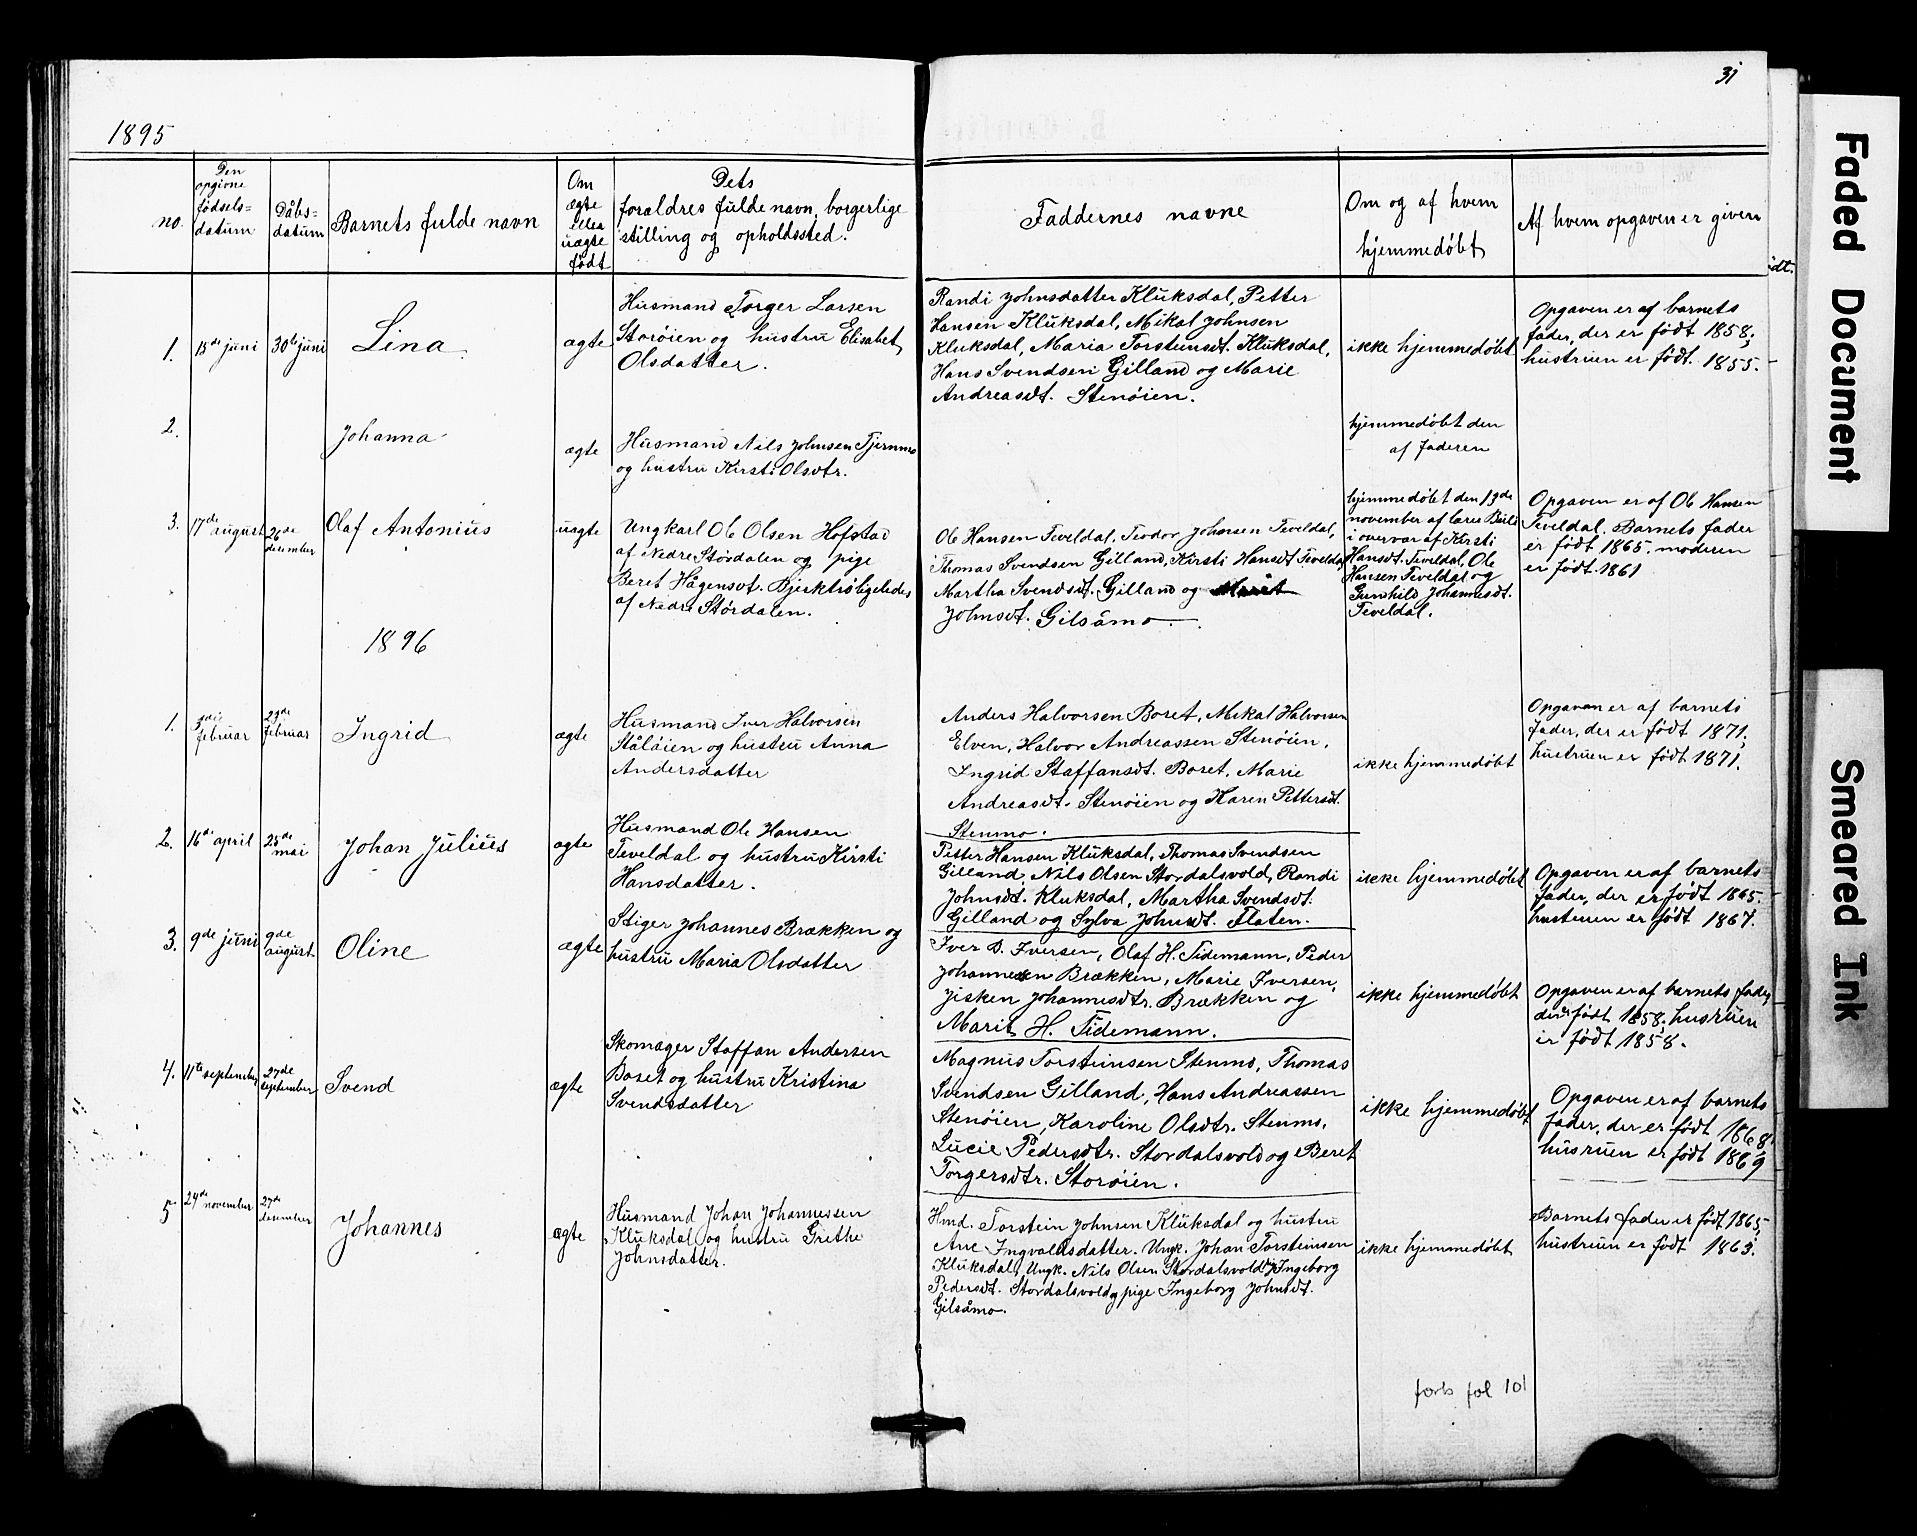 SAT, Ministerialprotokoller, klokkerbøker og fødselsregistre - Nord-Trøndelag, 707/L0052: Klokkerbok nr. 707C01, 1864-1897, s. 31